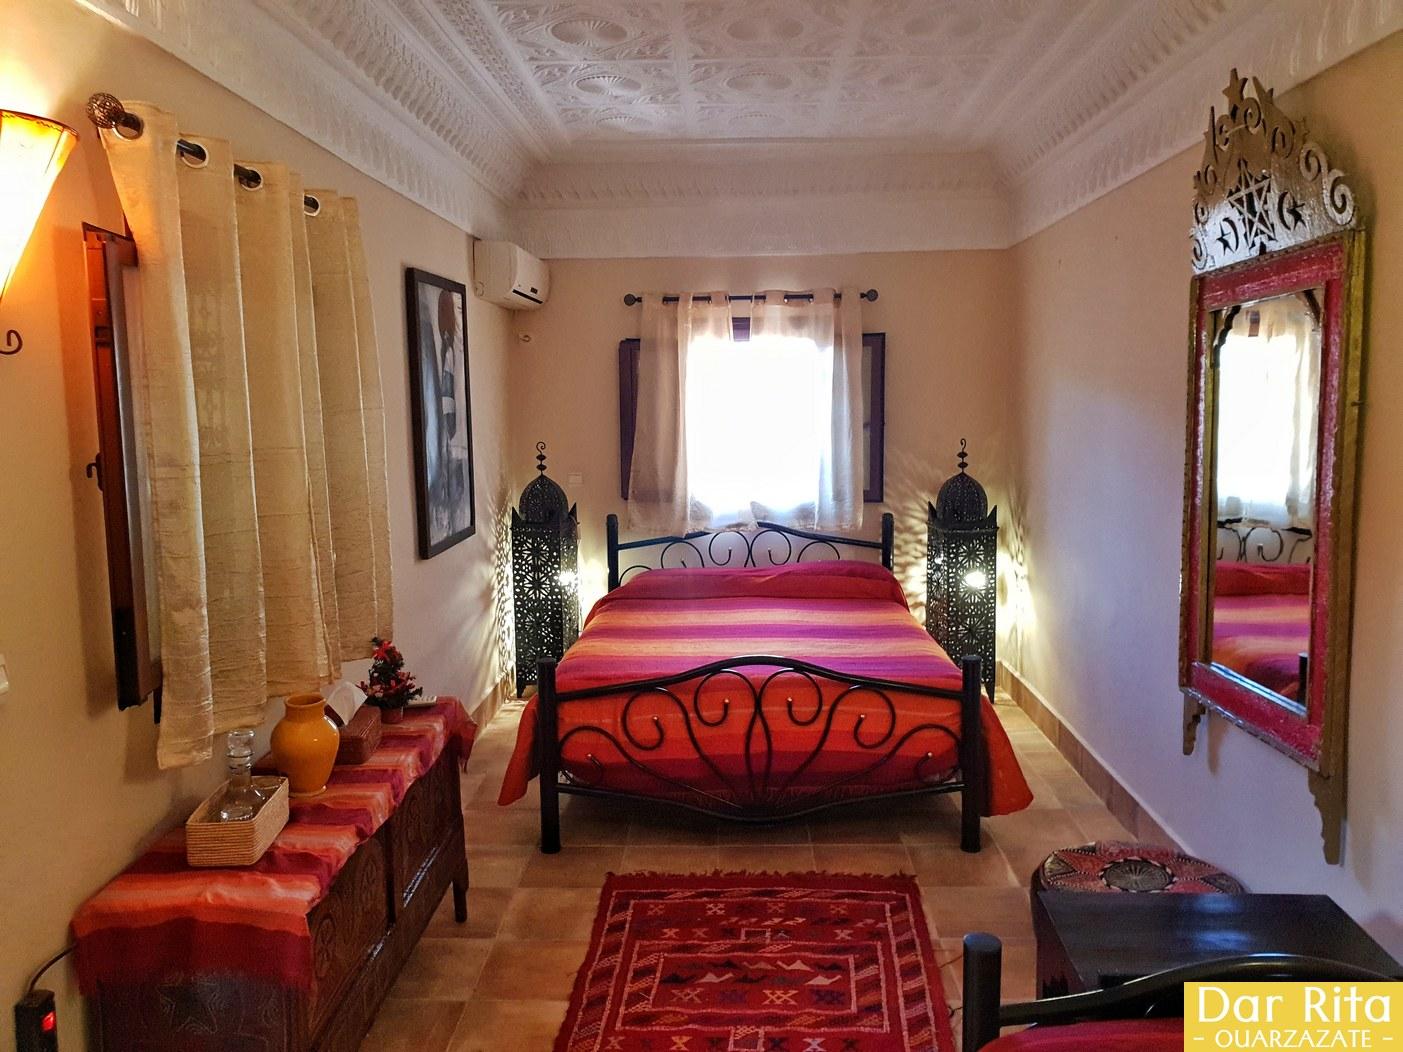 Hotel português em Marrocos HOTEL EM MARROCOS 1 Alojamento